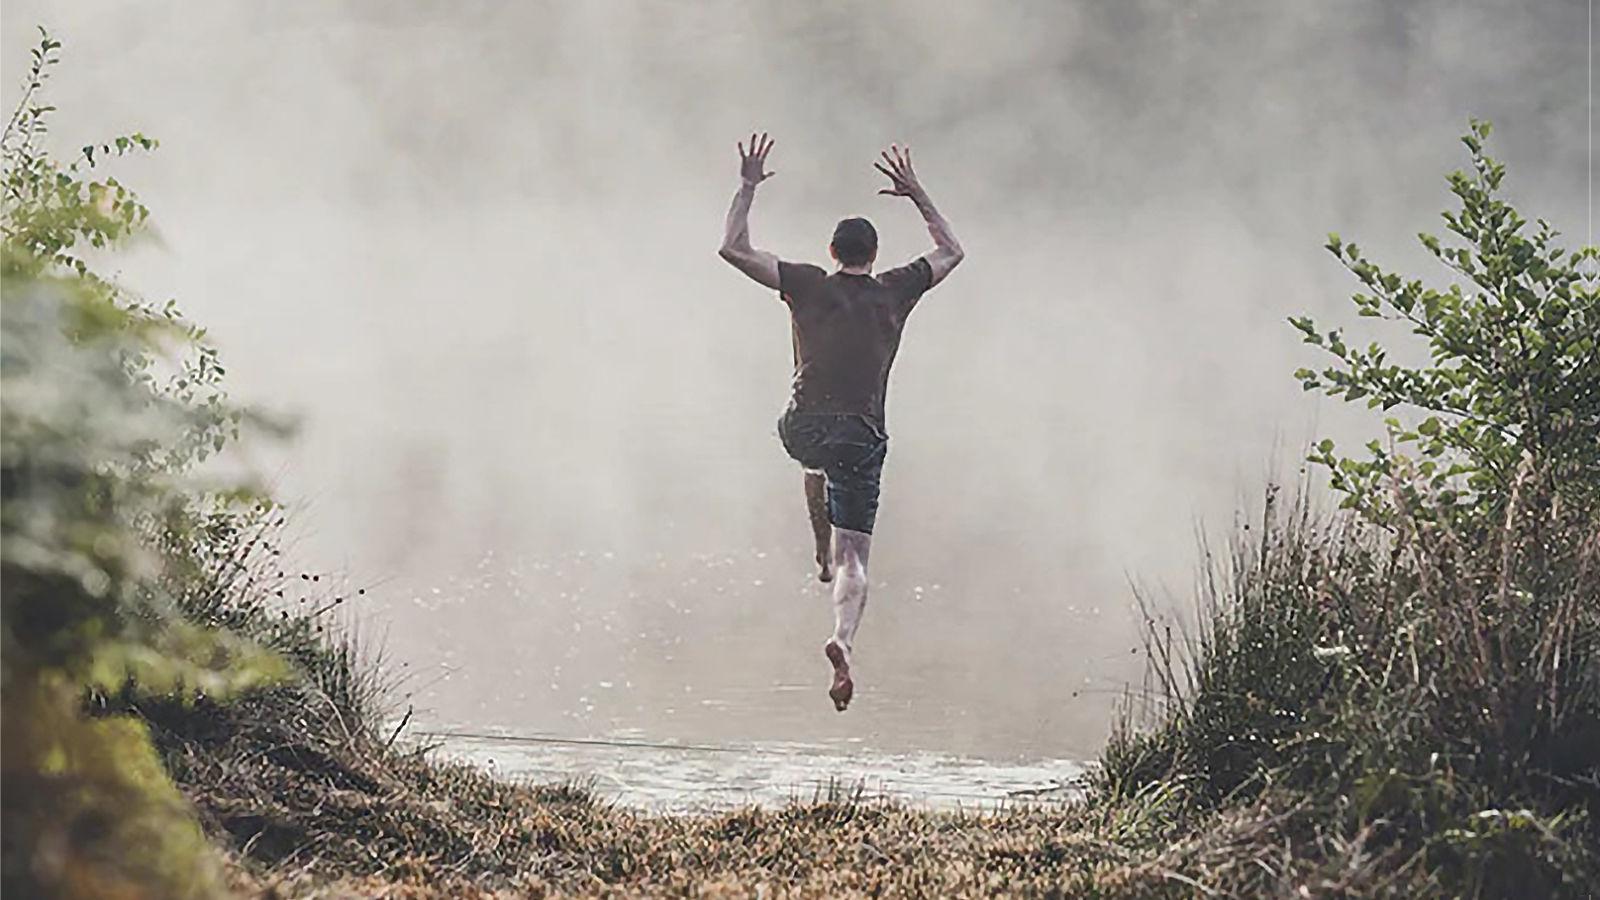 Yüzmek için atlayan adam görseli